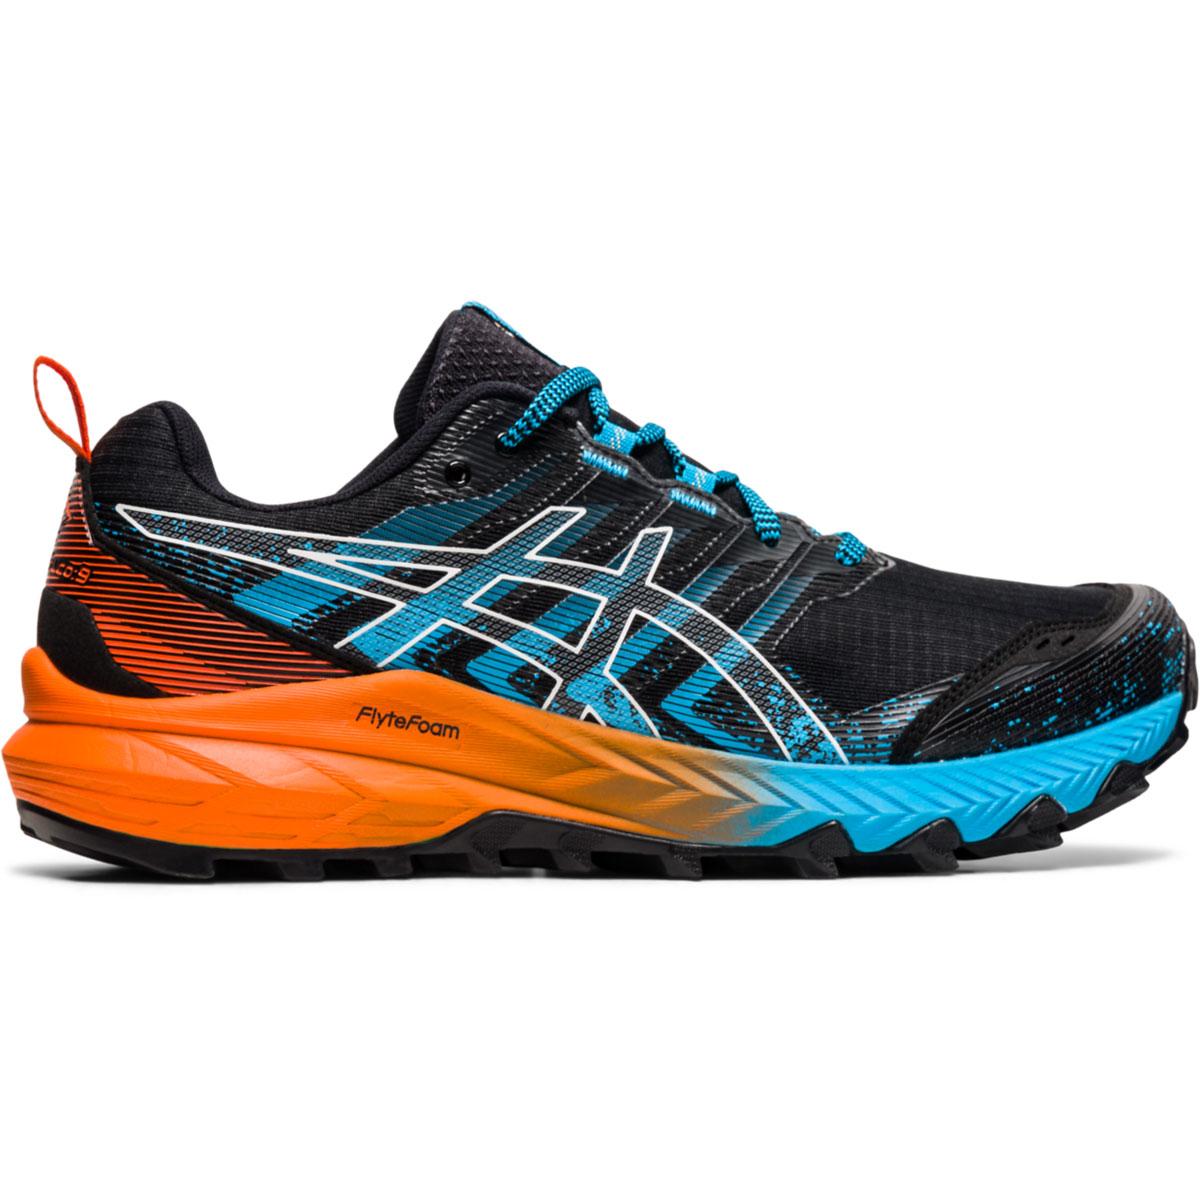 Men's Asics Gel-Trabuco 9 Running Shoe - Color: Orange/Blue/Black - Size: 7 - Width: Regular, Orange/Blue/Black, large, image 1